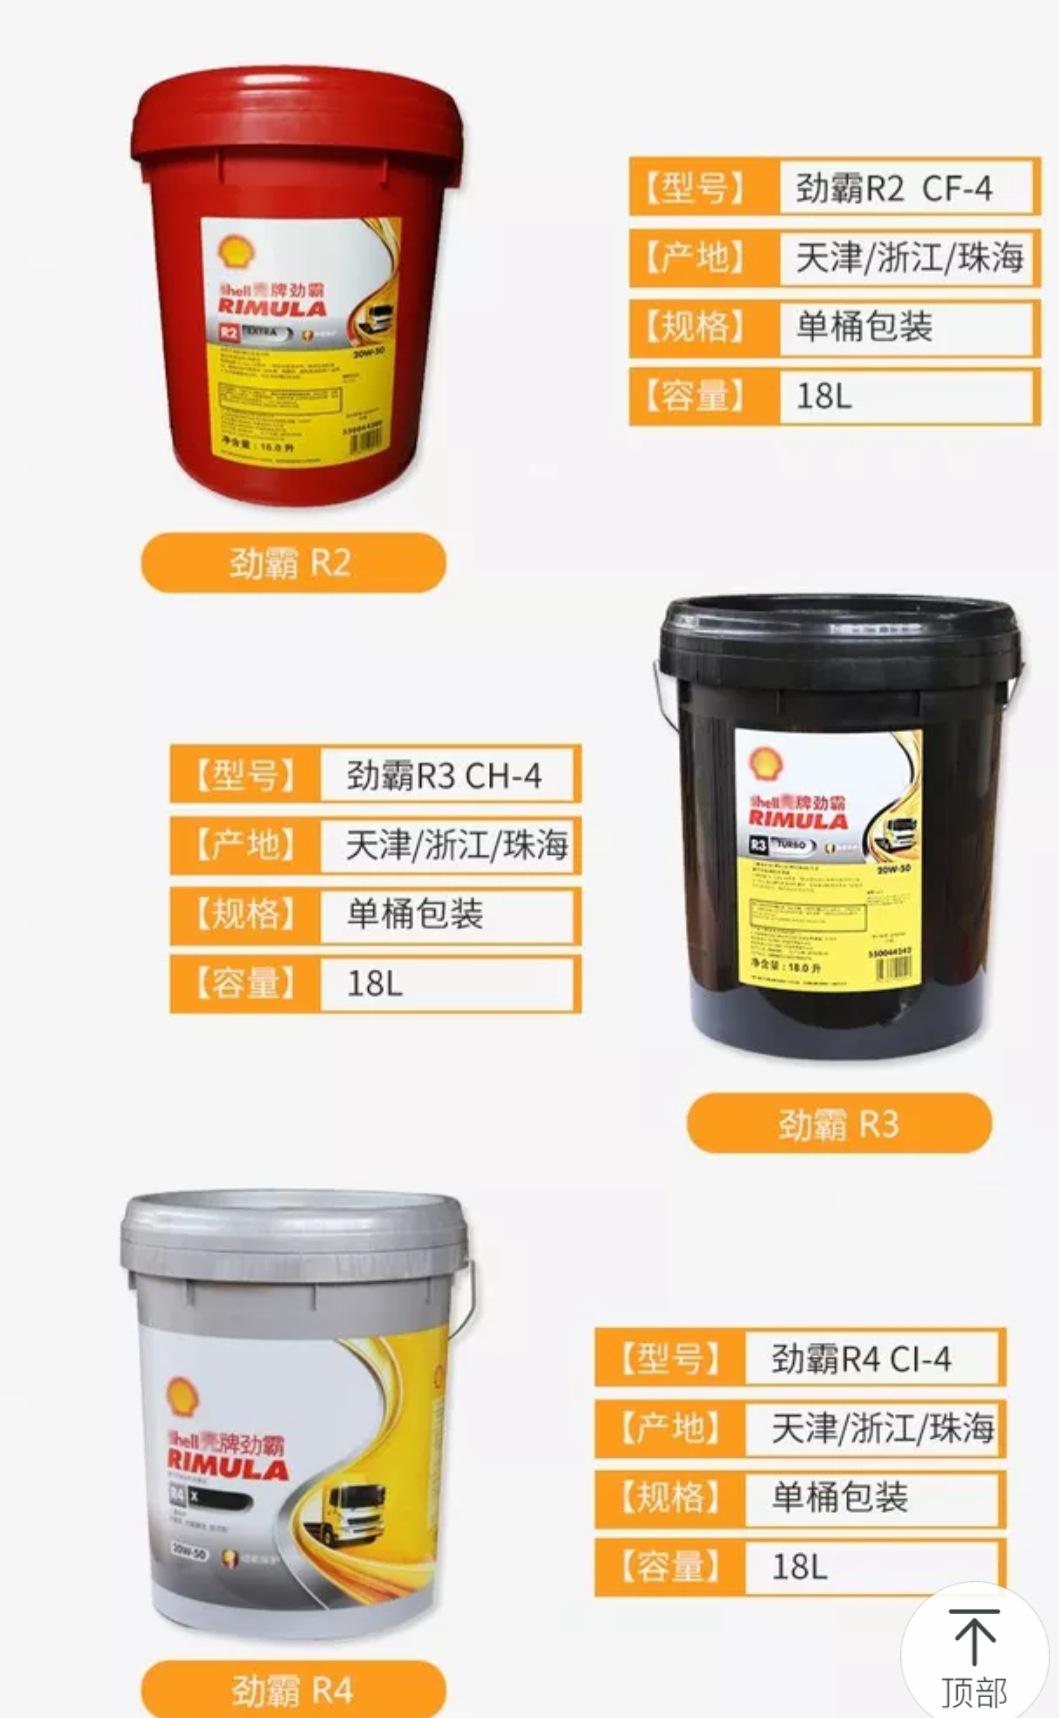 Dầu nhớt , Dầu xe tăng áp Jinba R2 nhập khẩu chính hãng .